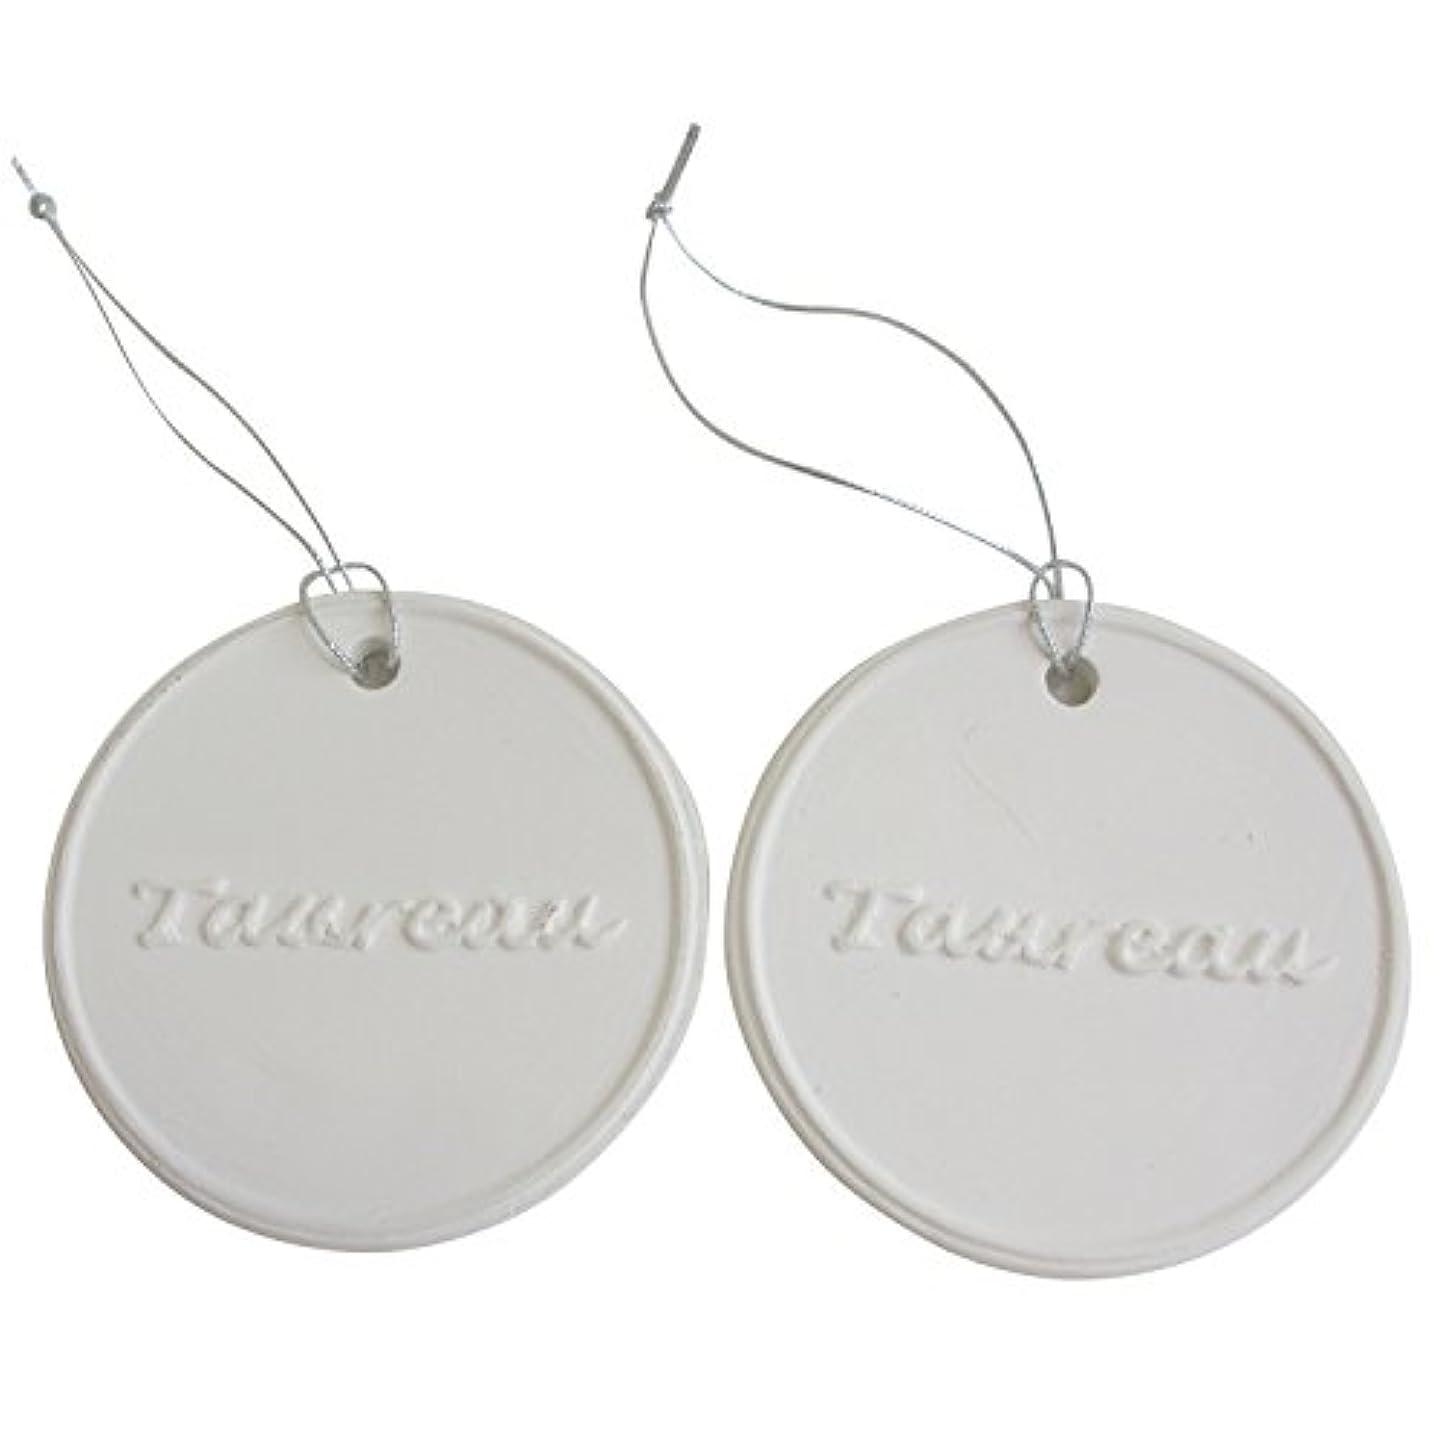 ドキドキ品疲労アロマストーン ホワイトコイン2セット(レター2)アクセサリー 小物 キーホルダー アロマディフューザー ペンダント 陶器製